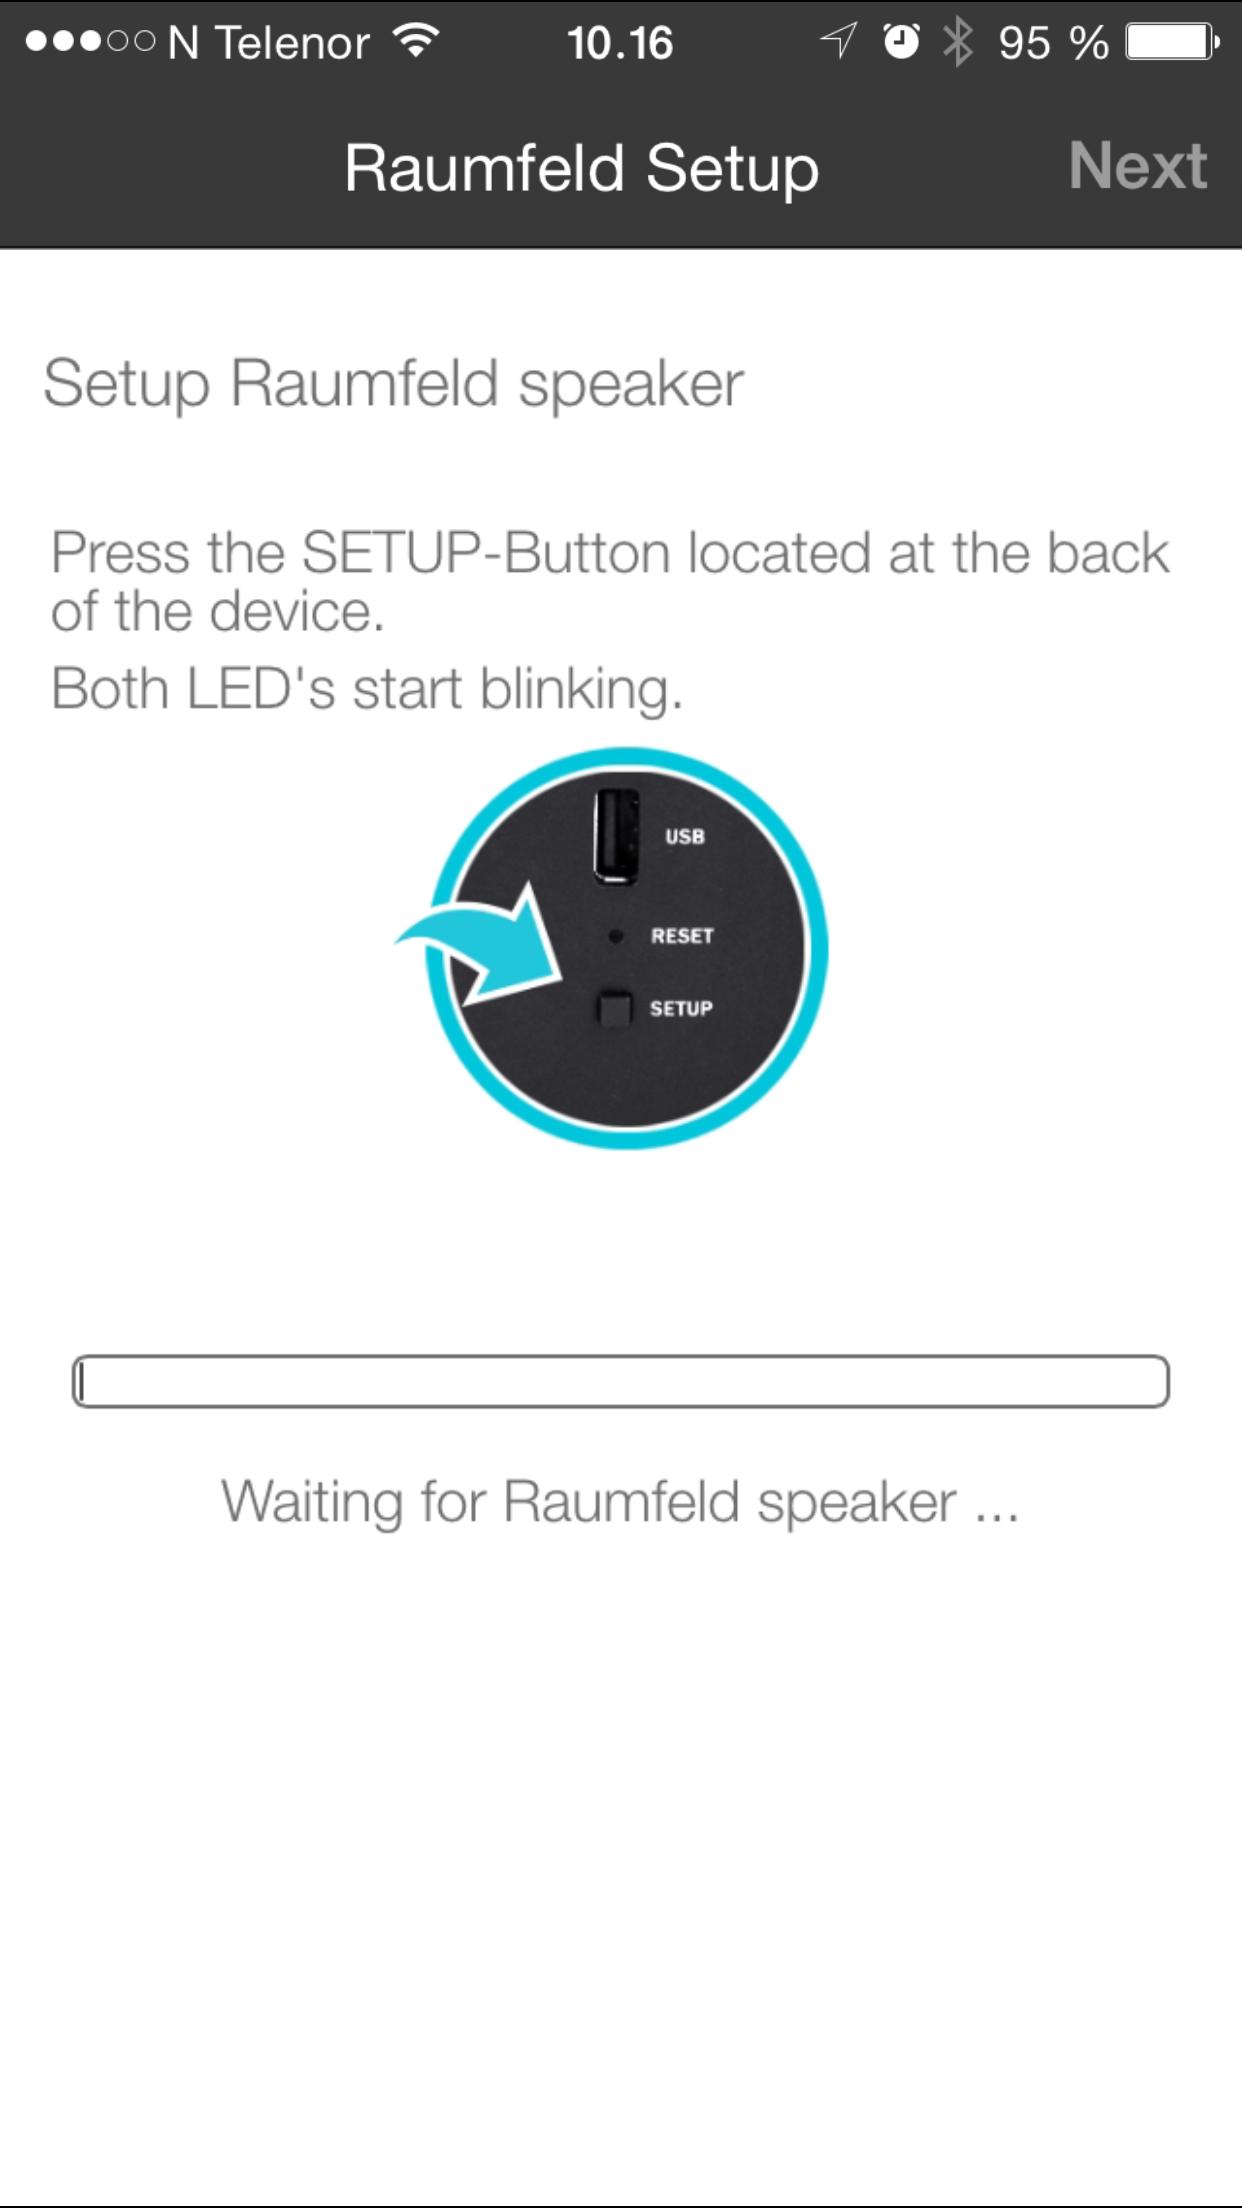 Følge instruksjonene, så er det enkelt å koble høyttalerne til nettverket ditt.